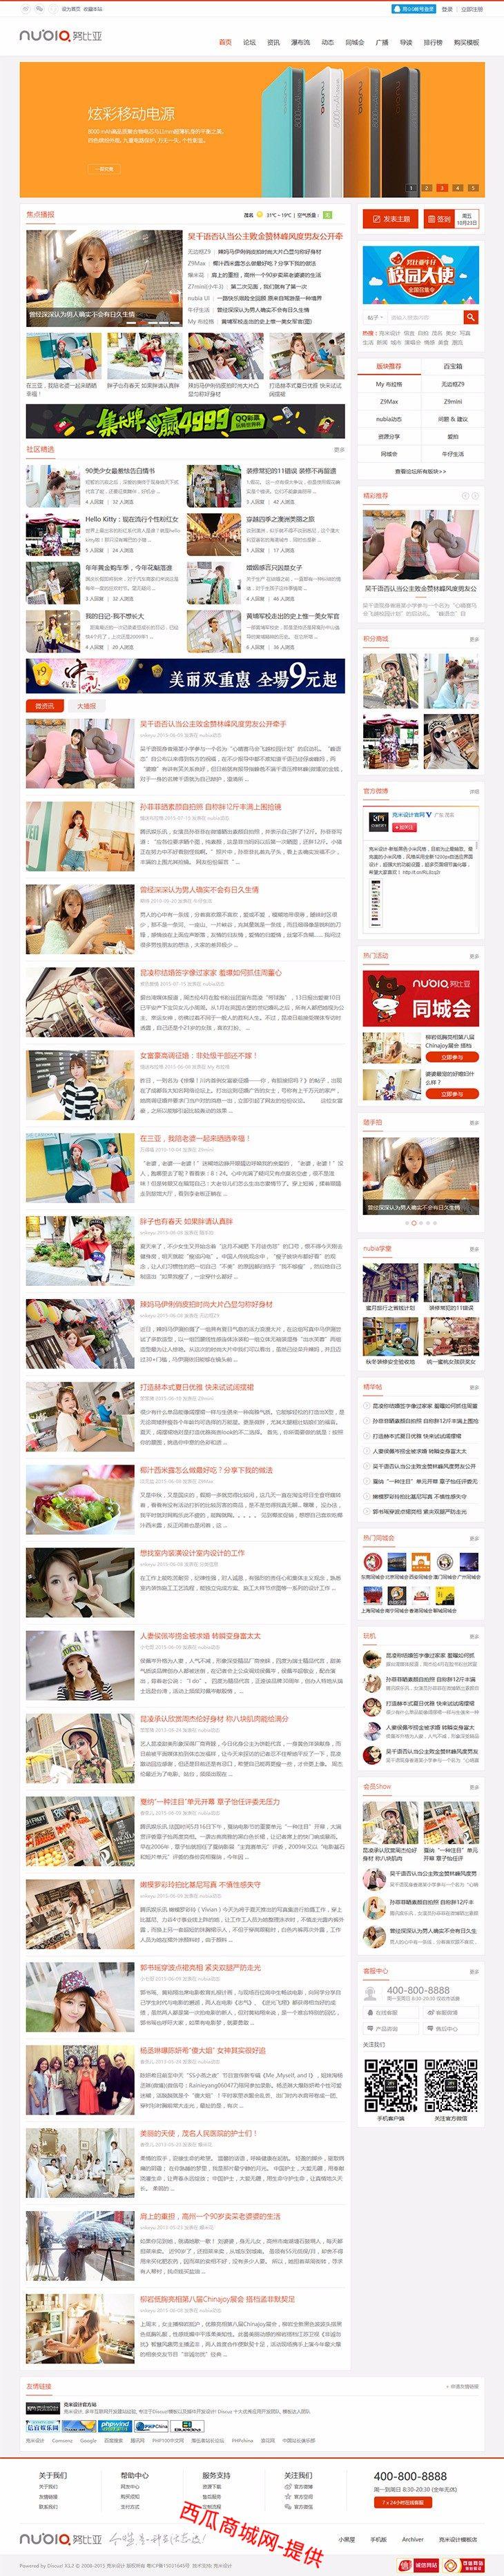 西瓜商城网-克米-努比亚微资讯GBK+U8商业版价值480首发